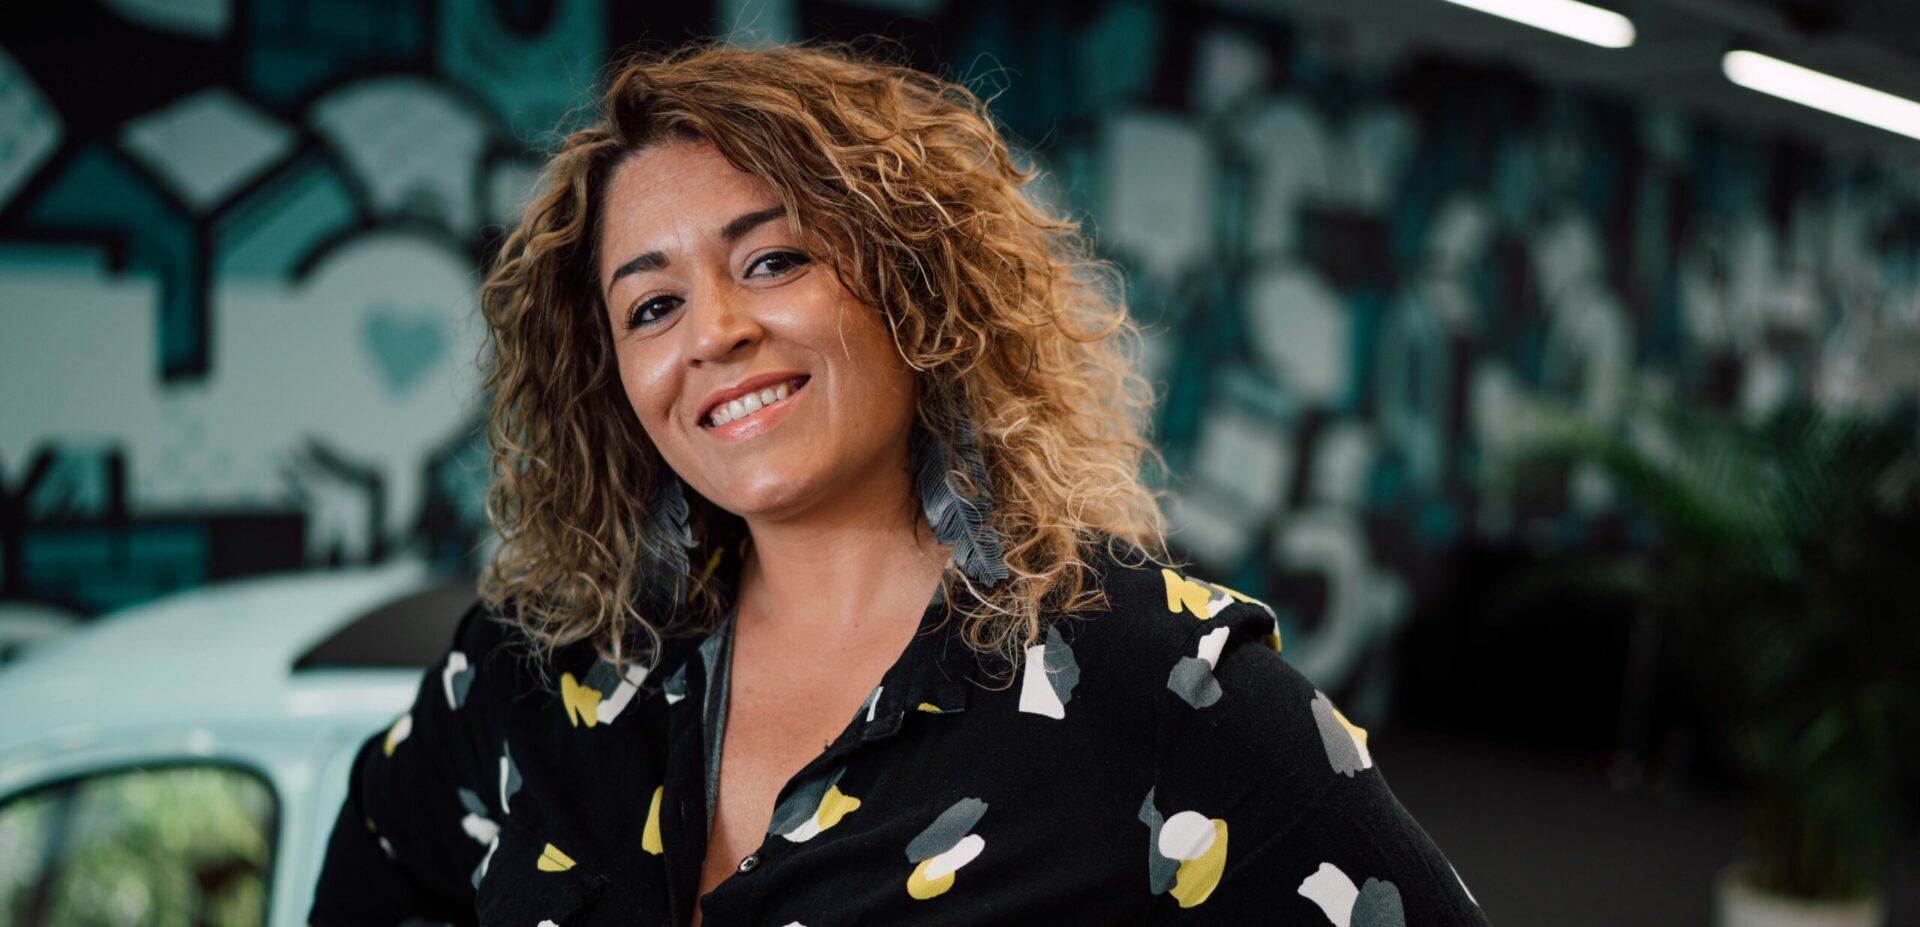 Ximena Barbano im Büro von ads&figures